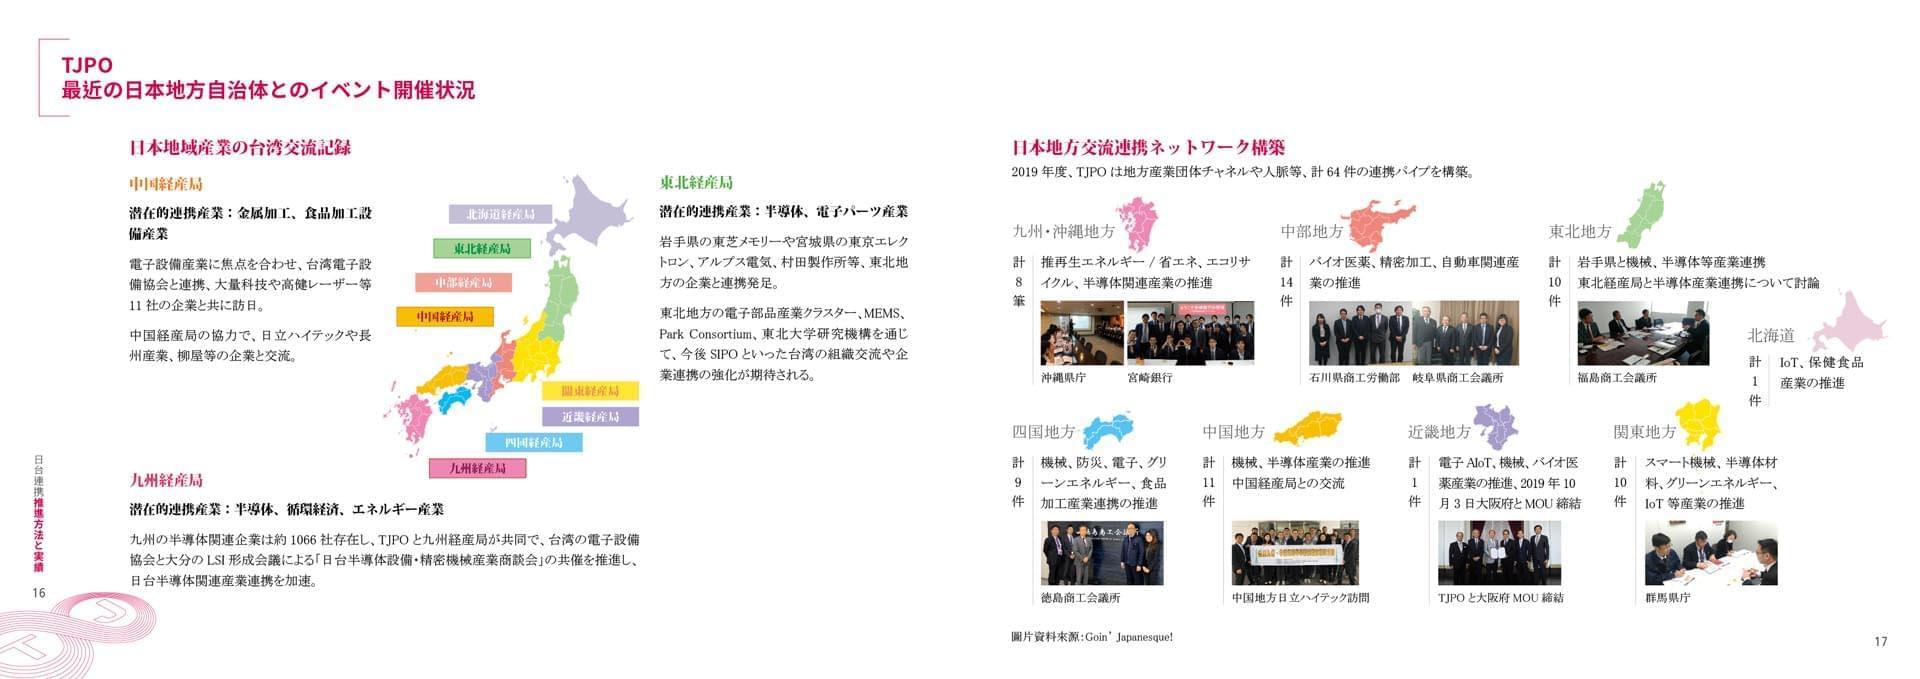 台日型錄-日文版60頁-第二次修改070211